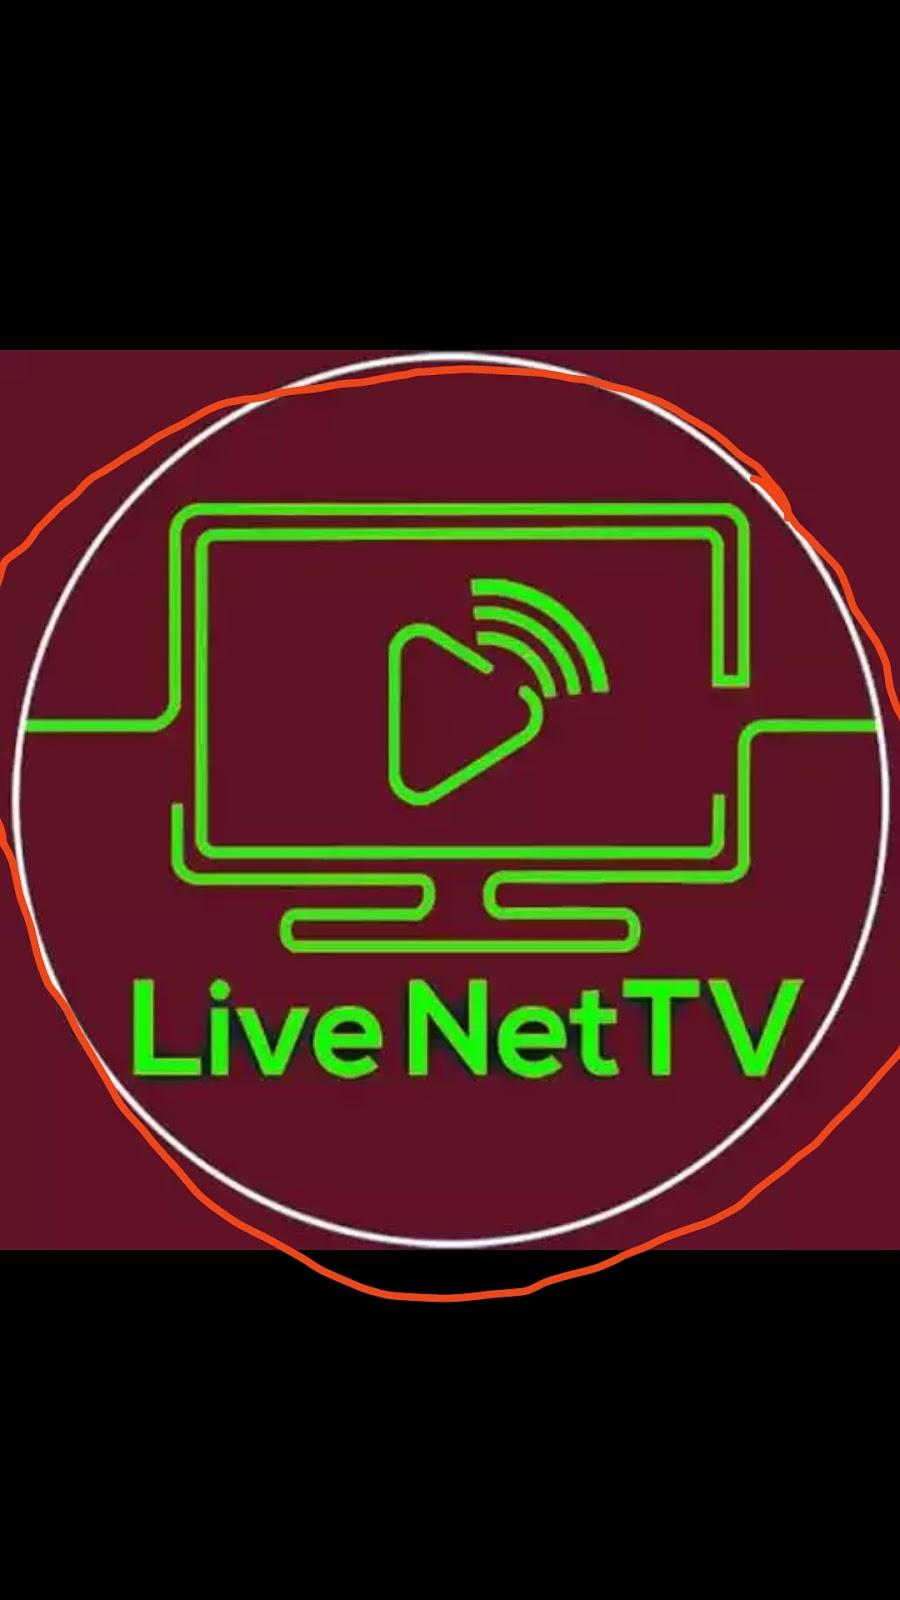 net tv 4.6 download